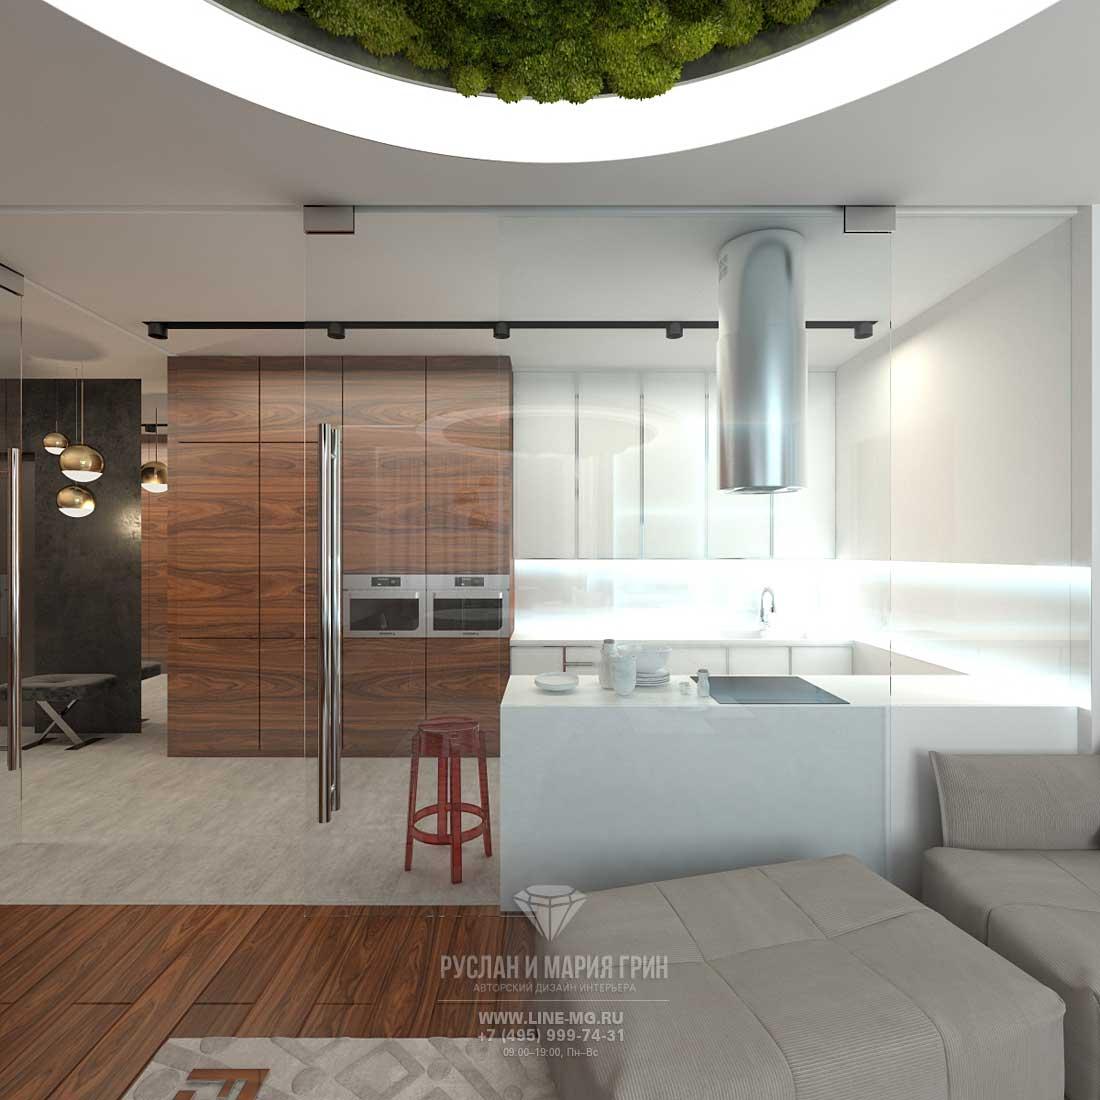 Дизайн современной гостиной, фото 2015